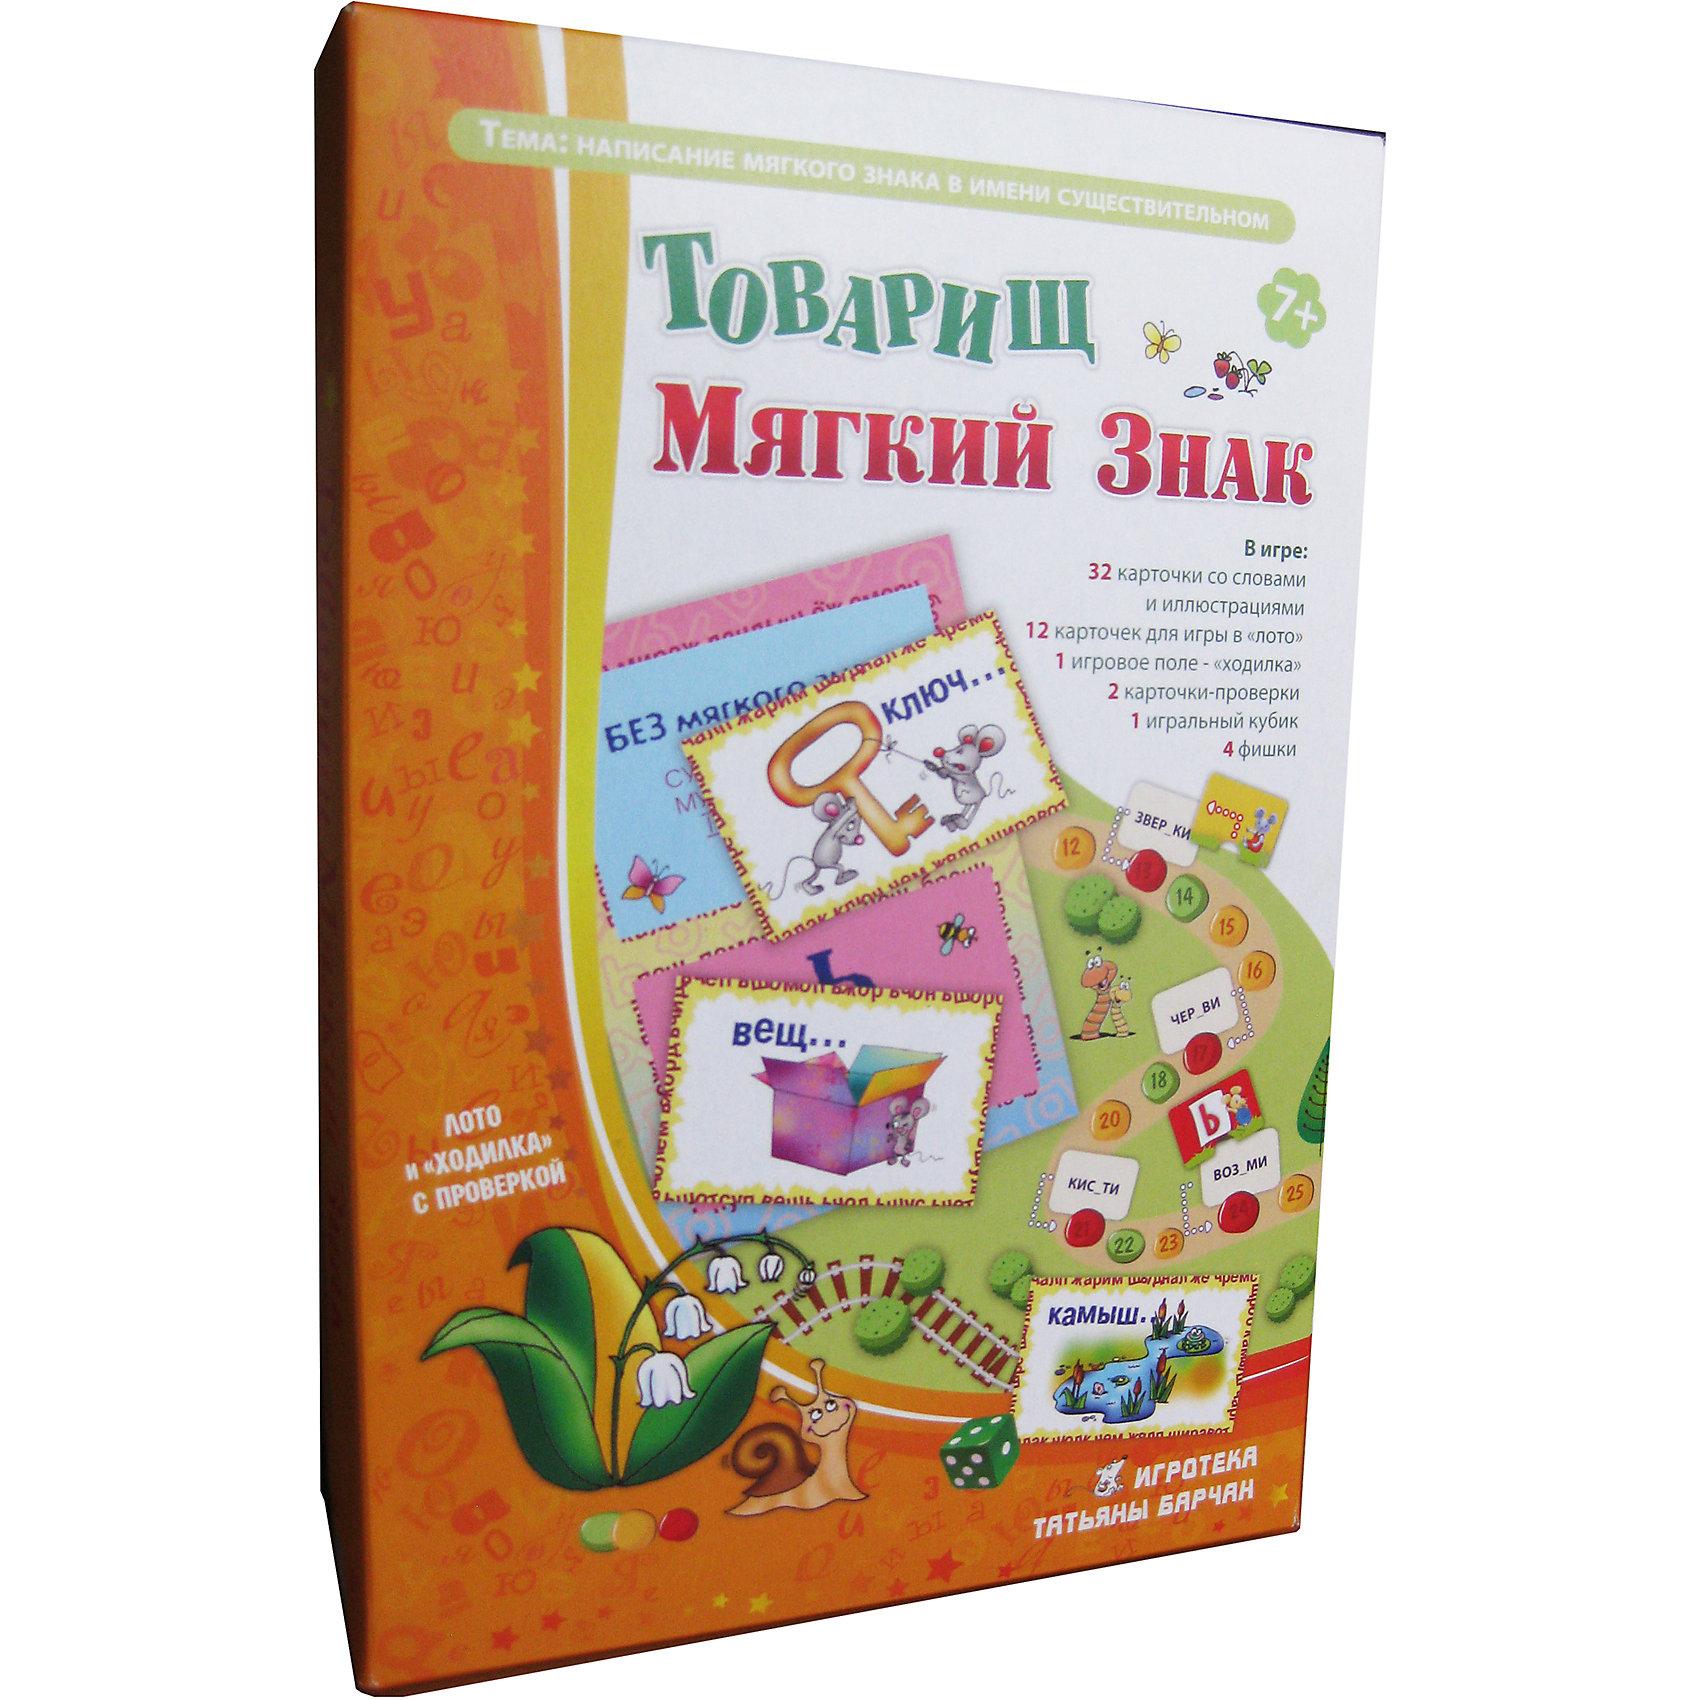 Товарищ Мягкий Знак, Игротека Татьяны БарчанОбучающие карточки<br>Товарищ Мягкий Знак, Игротека Татьяны Барчан.<br><br>Характеристики:<br><br>• Для детей в возрасте: от 7 до 10 лет<br>• В комплекте: 32 карточки со словами и иллюстрациями, 12 карточек-лото, игровое поле, 2 карточки-проверки, игральный кубик, 4 фишки<br>• Тема: Правописание мягкого знака в конце существительных после шипящих, разделительный мягкий знак<br>• Материал: плотный качественный картон<br>• Производитель: ЦОТР Ребус (Россия)<br>• Упаковка: картонная коробка<br>• Размер упаковки: 298х218х35 мм.<br>• Вес: 338 гр.<br><br>В одной коробке спрятались сразу две игры: лото и ходилка. Объединяет эти игры одно - они учат детей правильно писать слова с мягким знаком. Для игры в лото понадобятся 12 карточек (24 существительных мужского и женского рода с шипящими на конце) и 2 карточки-проверки. <br><br>Игроки должны, верно, определить род существительных и решить, и нужно ли употреблять мягкий знак. Если ответ верен, то при наложении карточки на карточку-проверку, по краю карточек появится это слово. <br><br>В игру-ходилку играть также очень интересно. Участники игры бросают кубик и по очереди делают ход. По пути они встретят окошки с трудными словами! При правильном выборе орфограммы можно двигаться дальше, а вот любые неверные решения оставляют игроков на месте: подумать и не ошибиться в следующий раз. Кто грамотнее - тот быстрее доберется до финиша. <br><br>Задача игр - закрепление правил правописания мягкого знака в конце существительных после шипящих, разделительного мягкого знака и мягкого знака, обозначающего мягкость согласных. Игры развивают память, внимание и расширяют словарный запас.<br><br>Игру Товарищ Мягкий Знак, Игротека Татьяны Барчан можно купить в нашем интернет-магазине.<br><br>Ширина мм: 270<br>Глубина мм: 180<br>Высота мм: 40<br>Вес г: 400<br>Возраст от месяцев: 84<br>Возраст до месяцев: 120<br>Пол: Унисекс<br>Возраст: Детский<br>SKU: 6751371